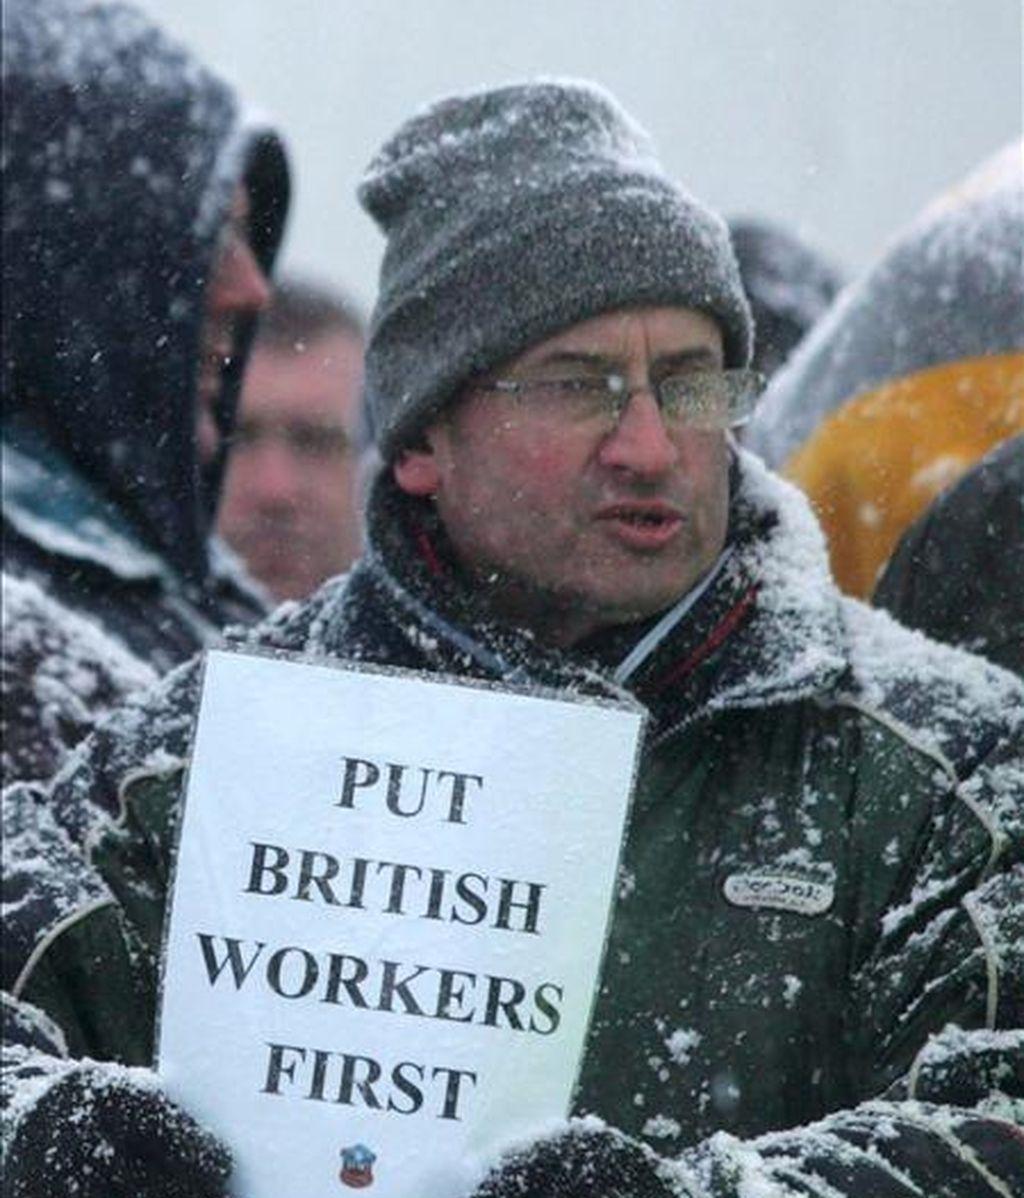 En la imagen, varios empleados se manifiestan contra de la contratación de trabajadores extranjeros a las afueras de la refinería de Lindsey en Immingham, Lincolnshire, Reino Unido. EFE/Archivo